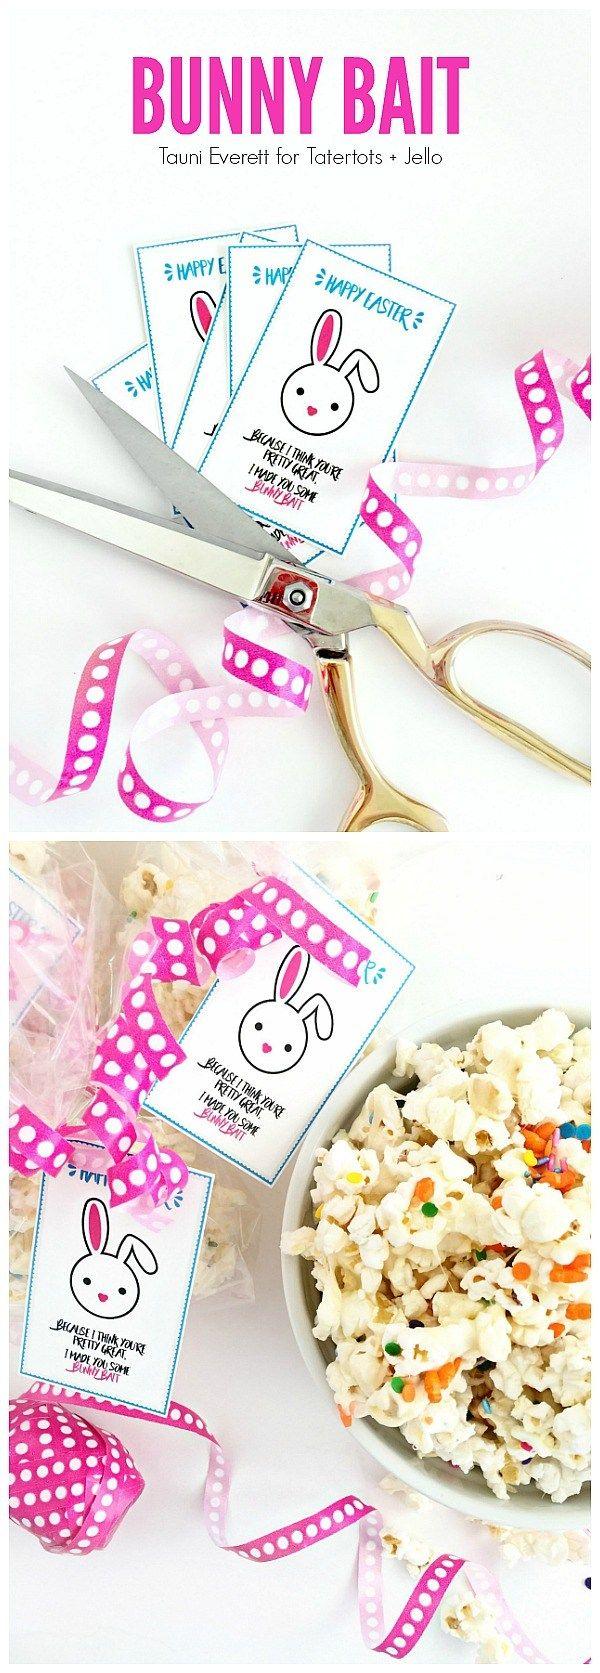 Bunny Bait Gift Idea Printable Tags